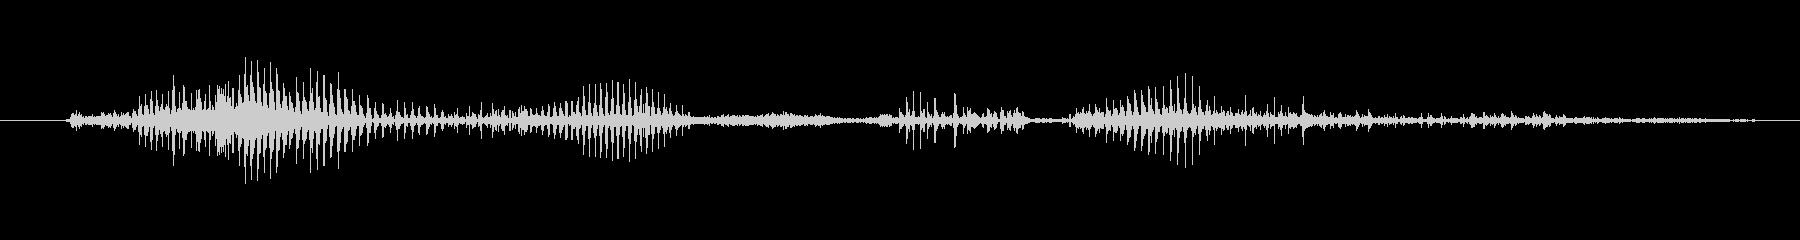 鳴き声 男性の呪い悪09の未再生の波形